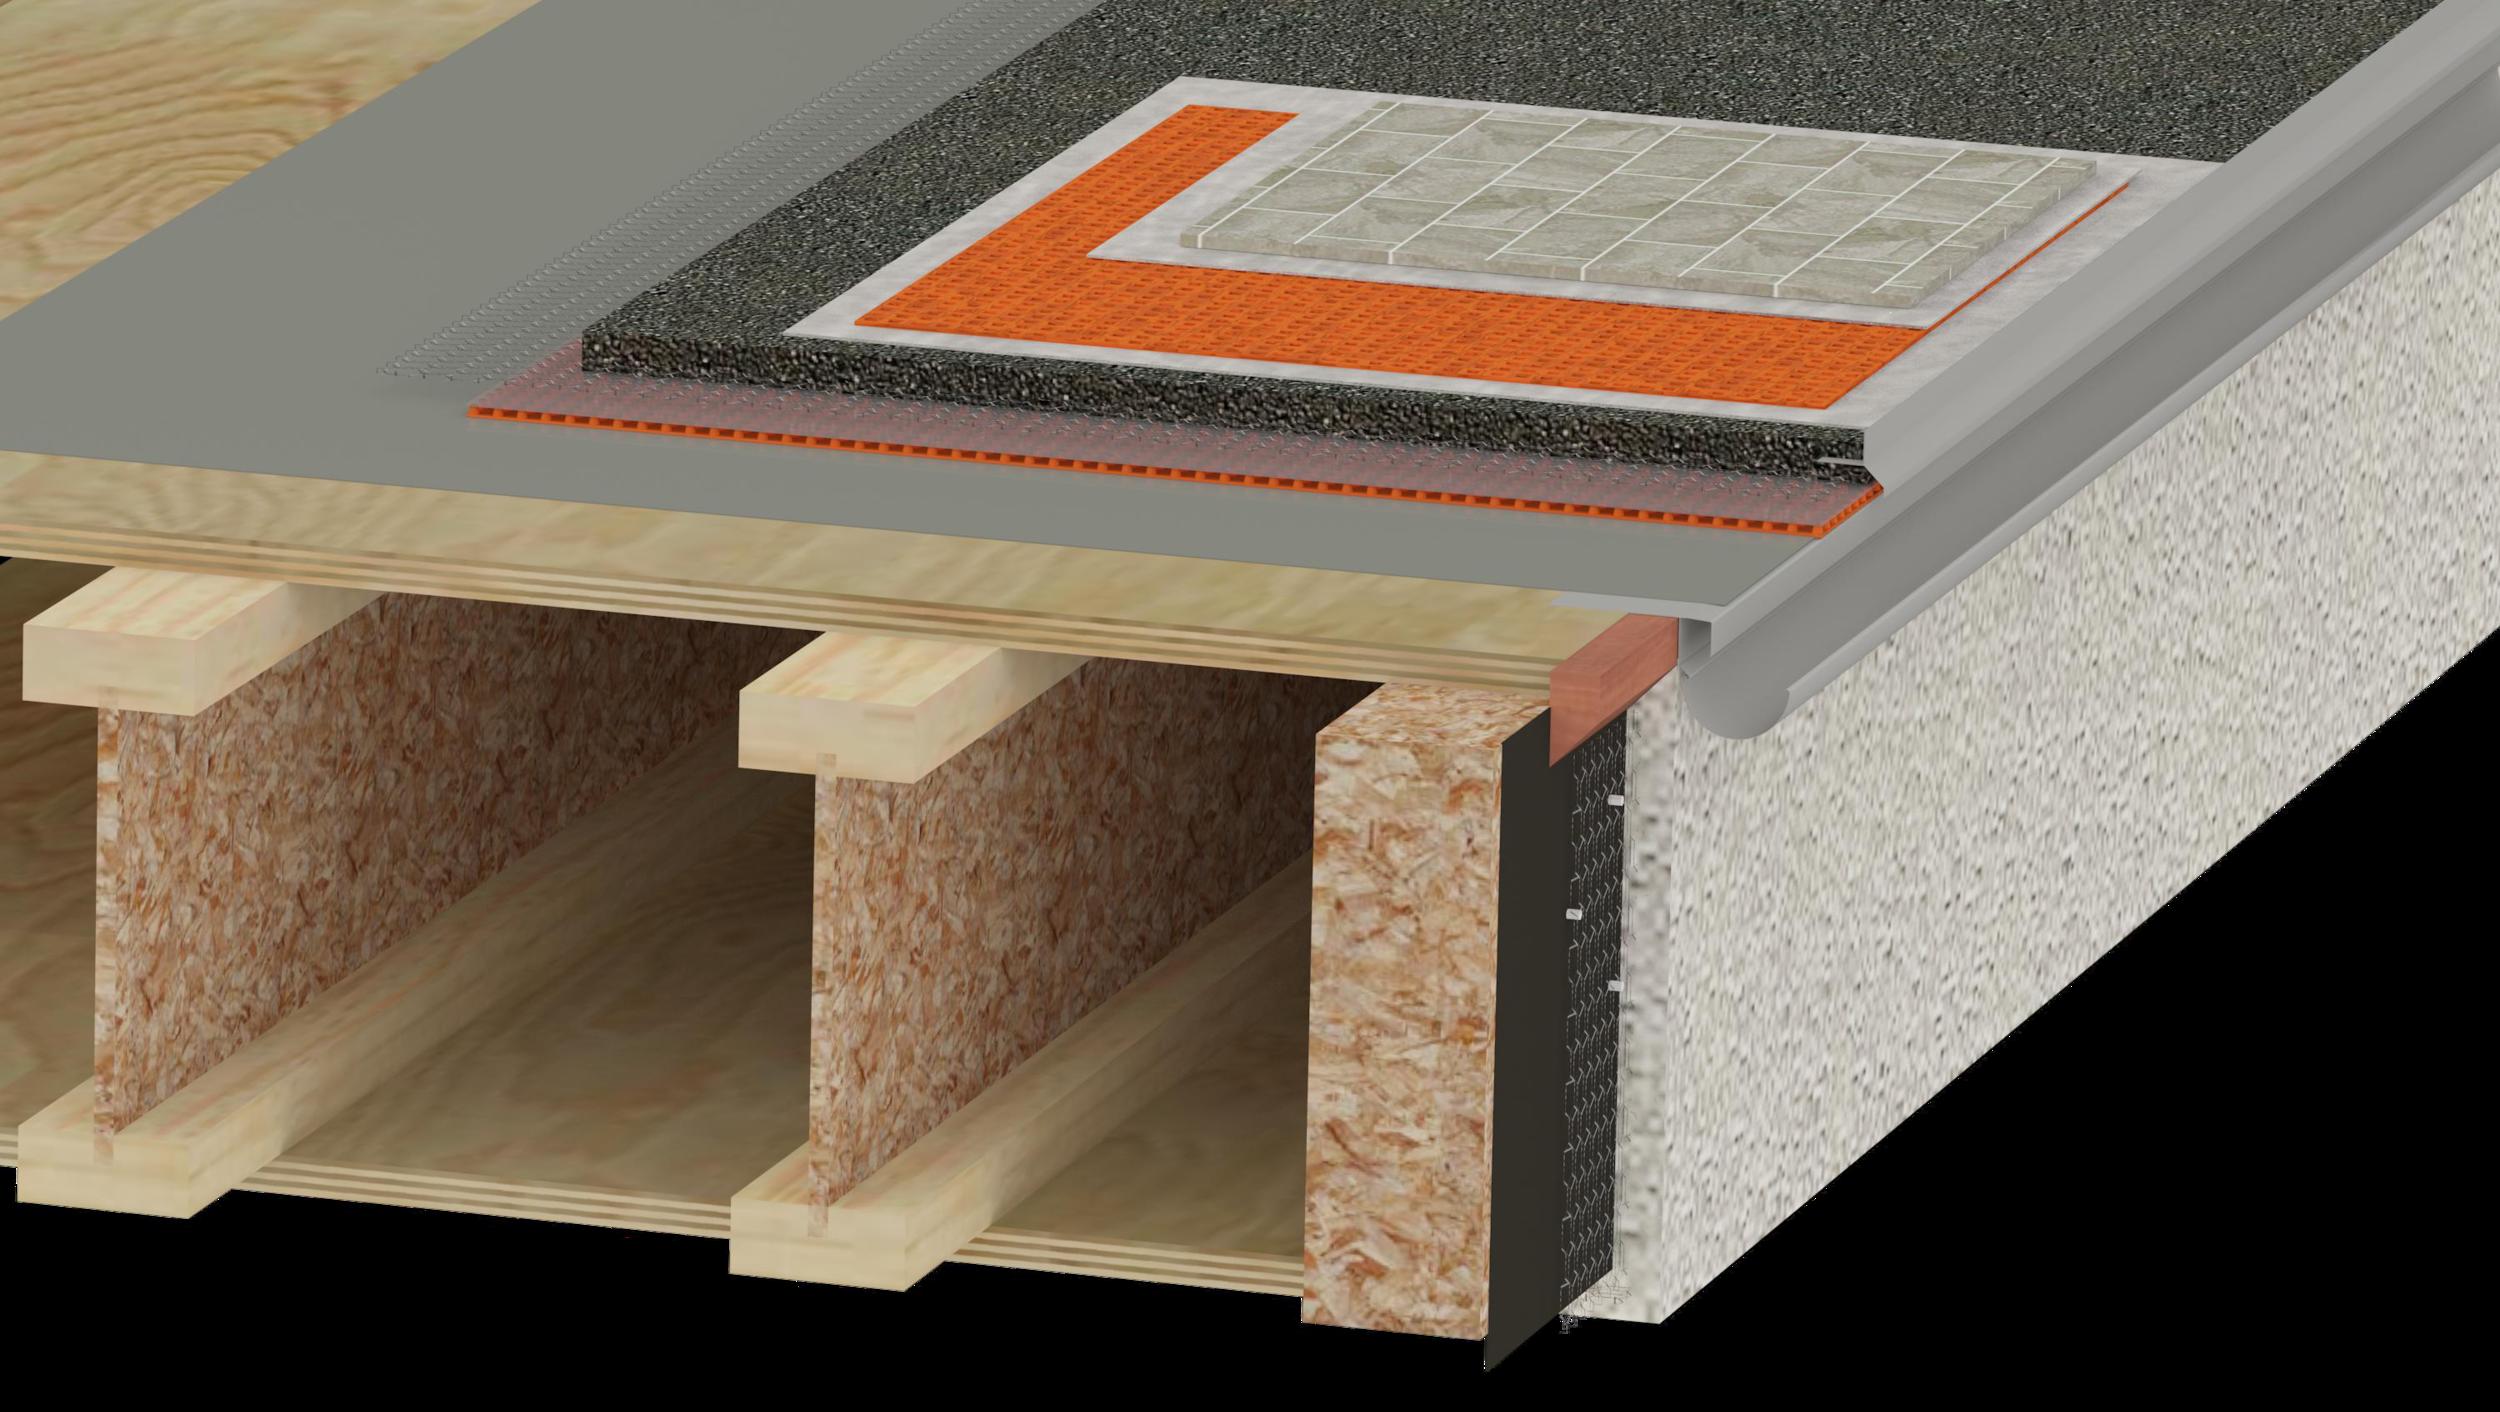 Tile Gutter system details2.png